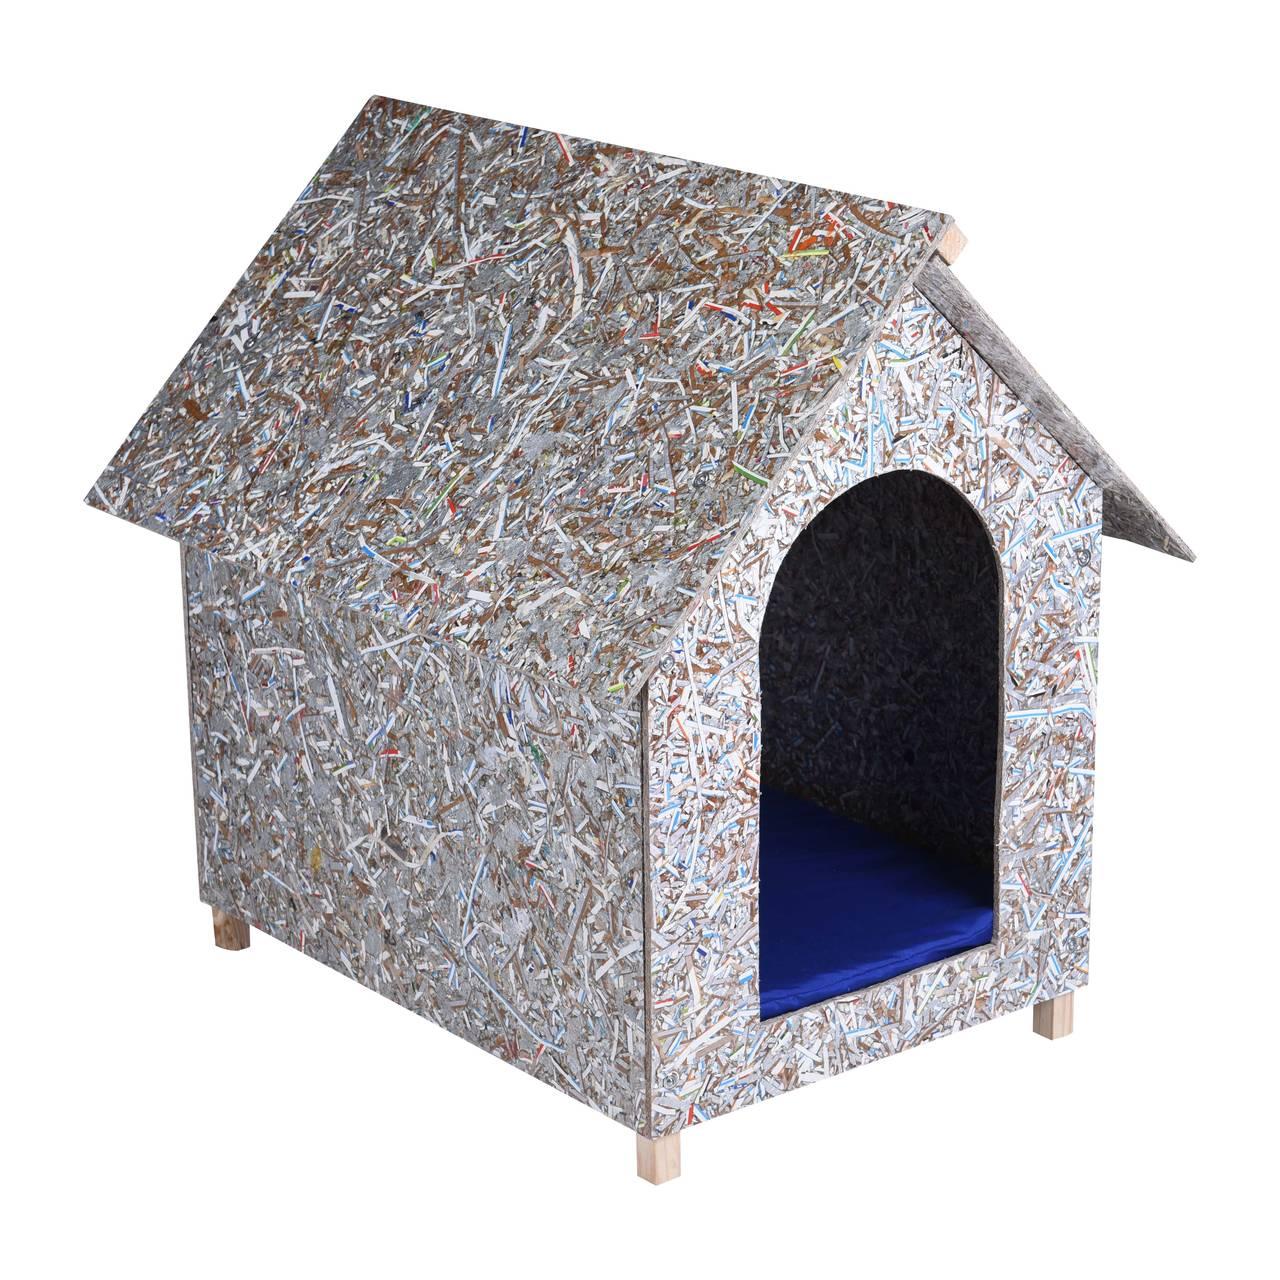 Kit Casinha Ecológica n. 06 com Colchonete Azul e placa de nome